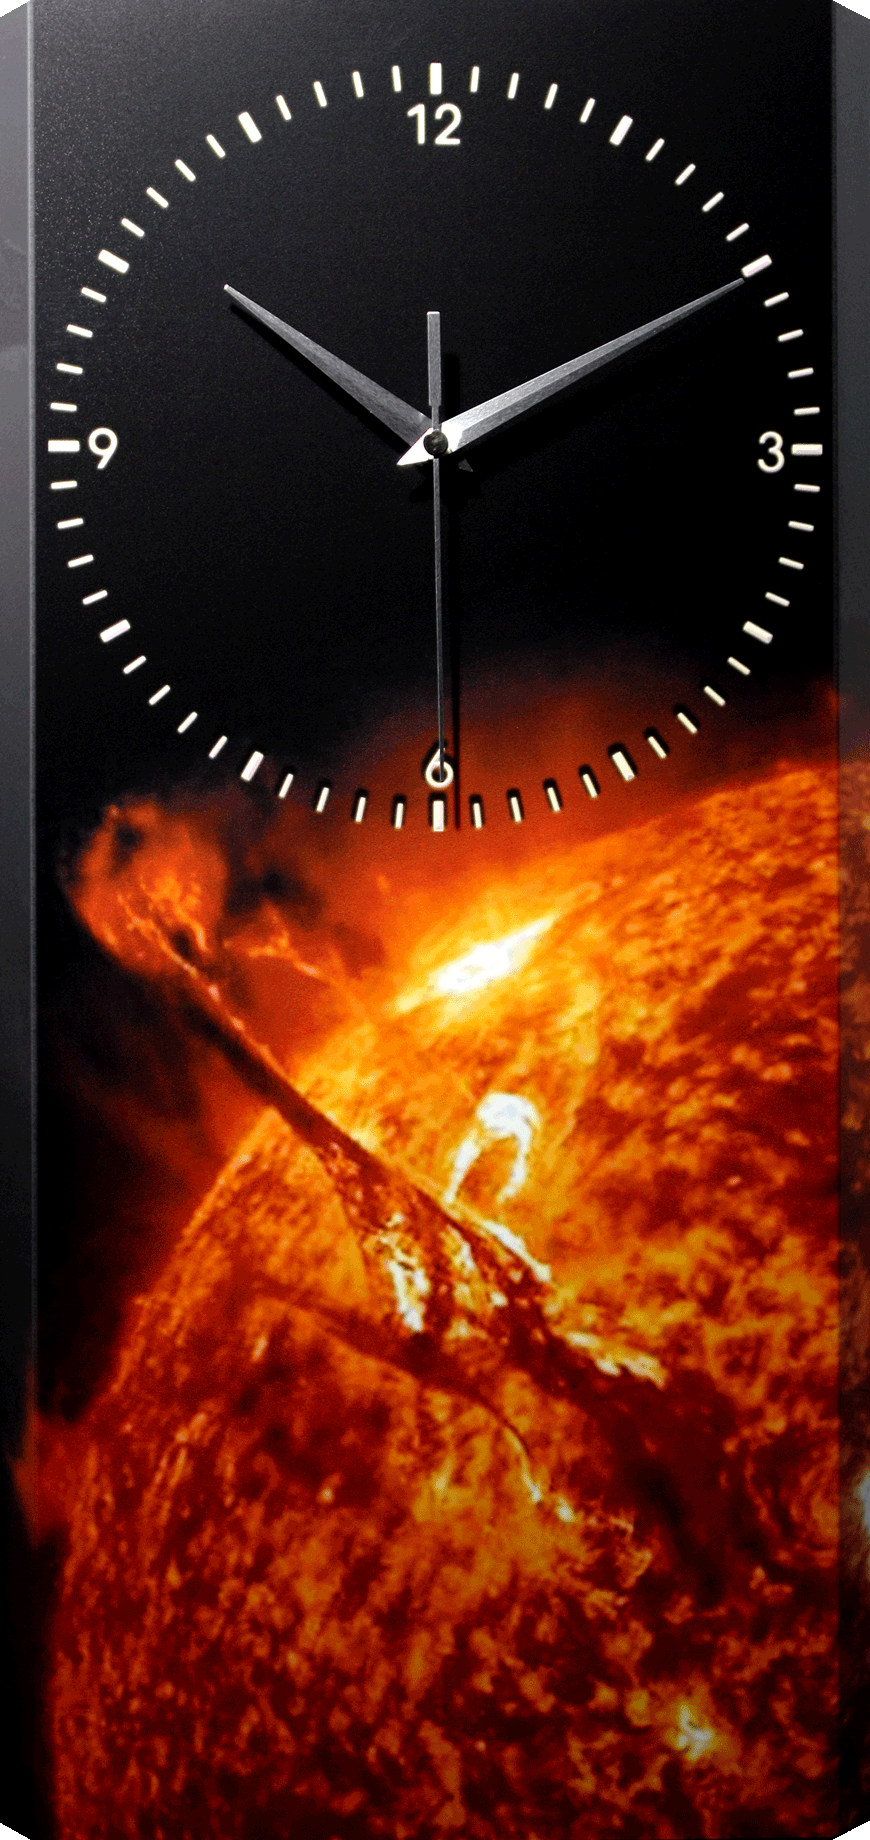 Credit: ESA/NASA